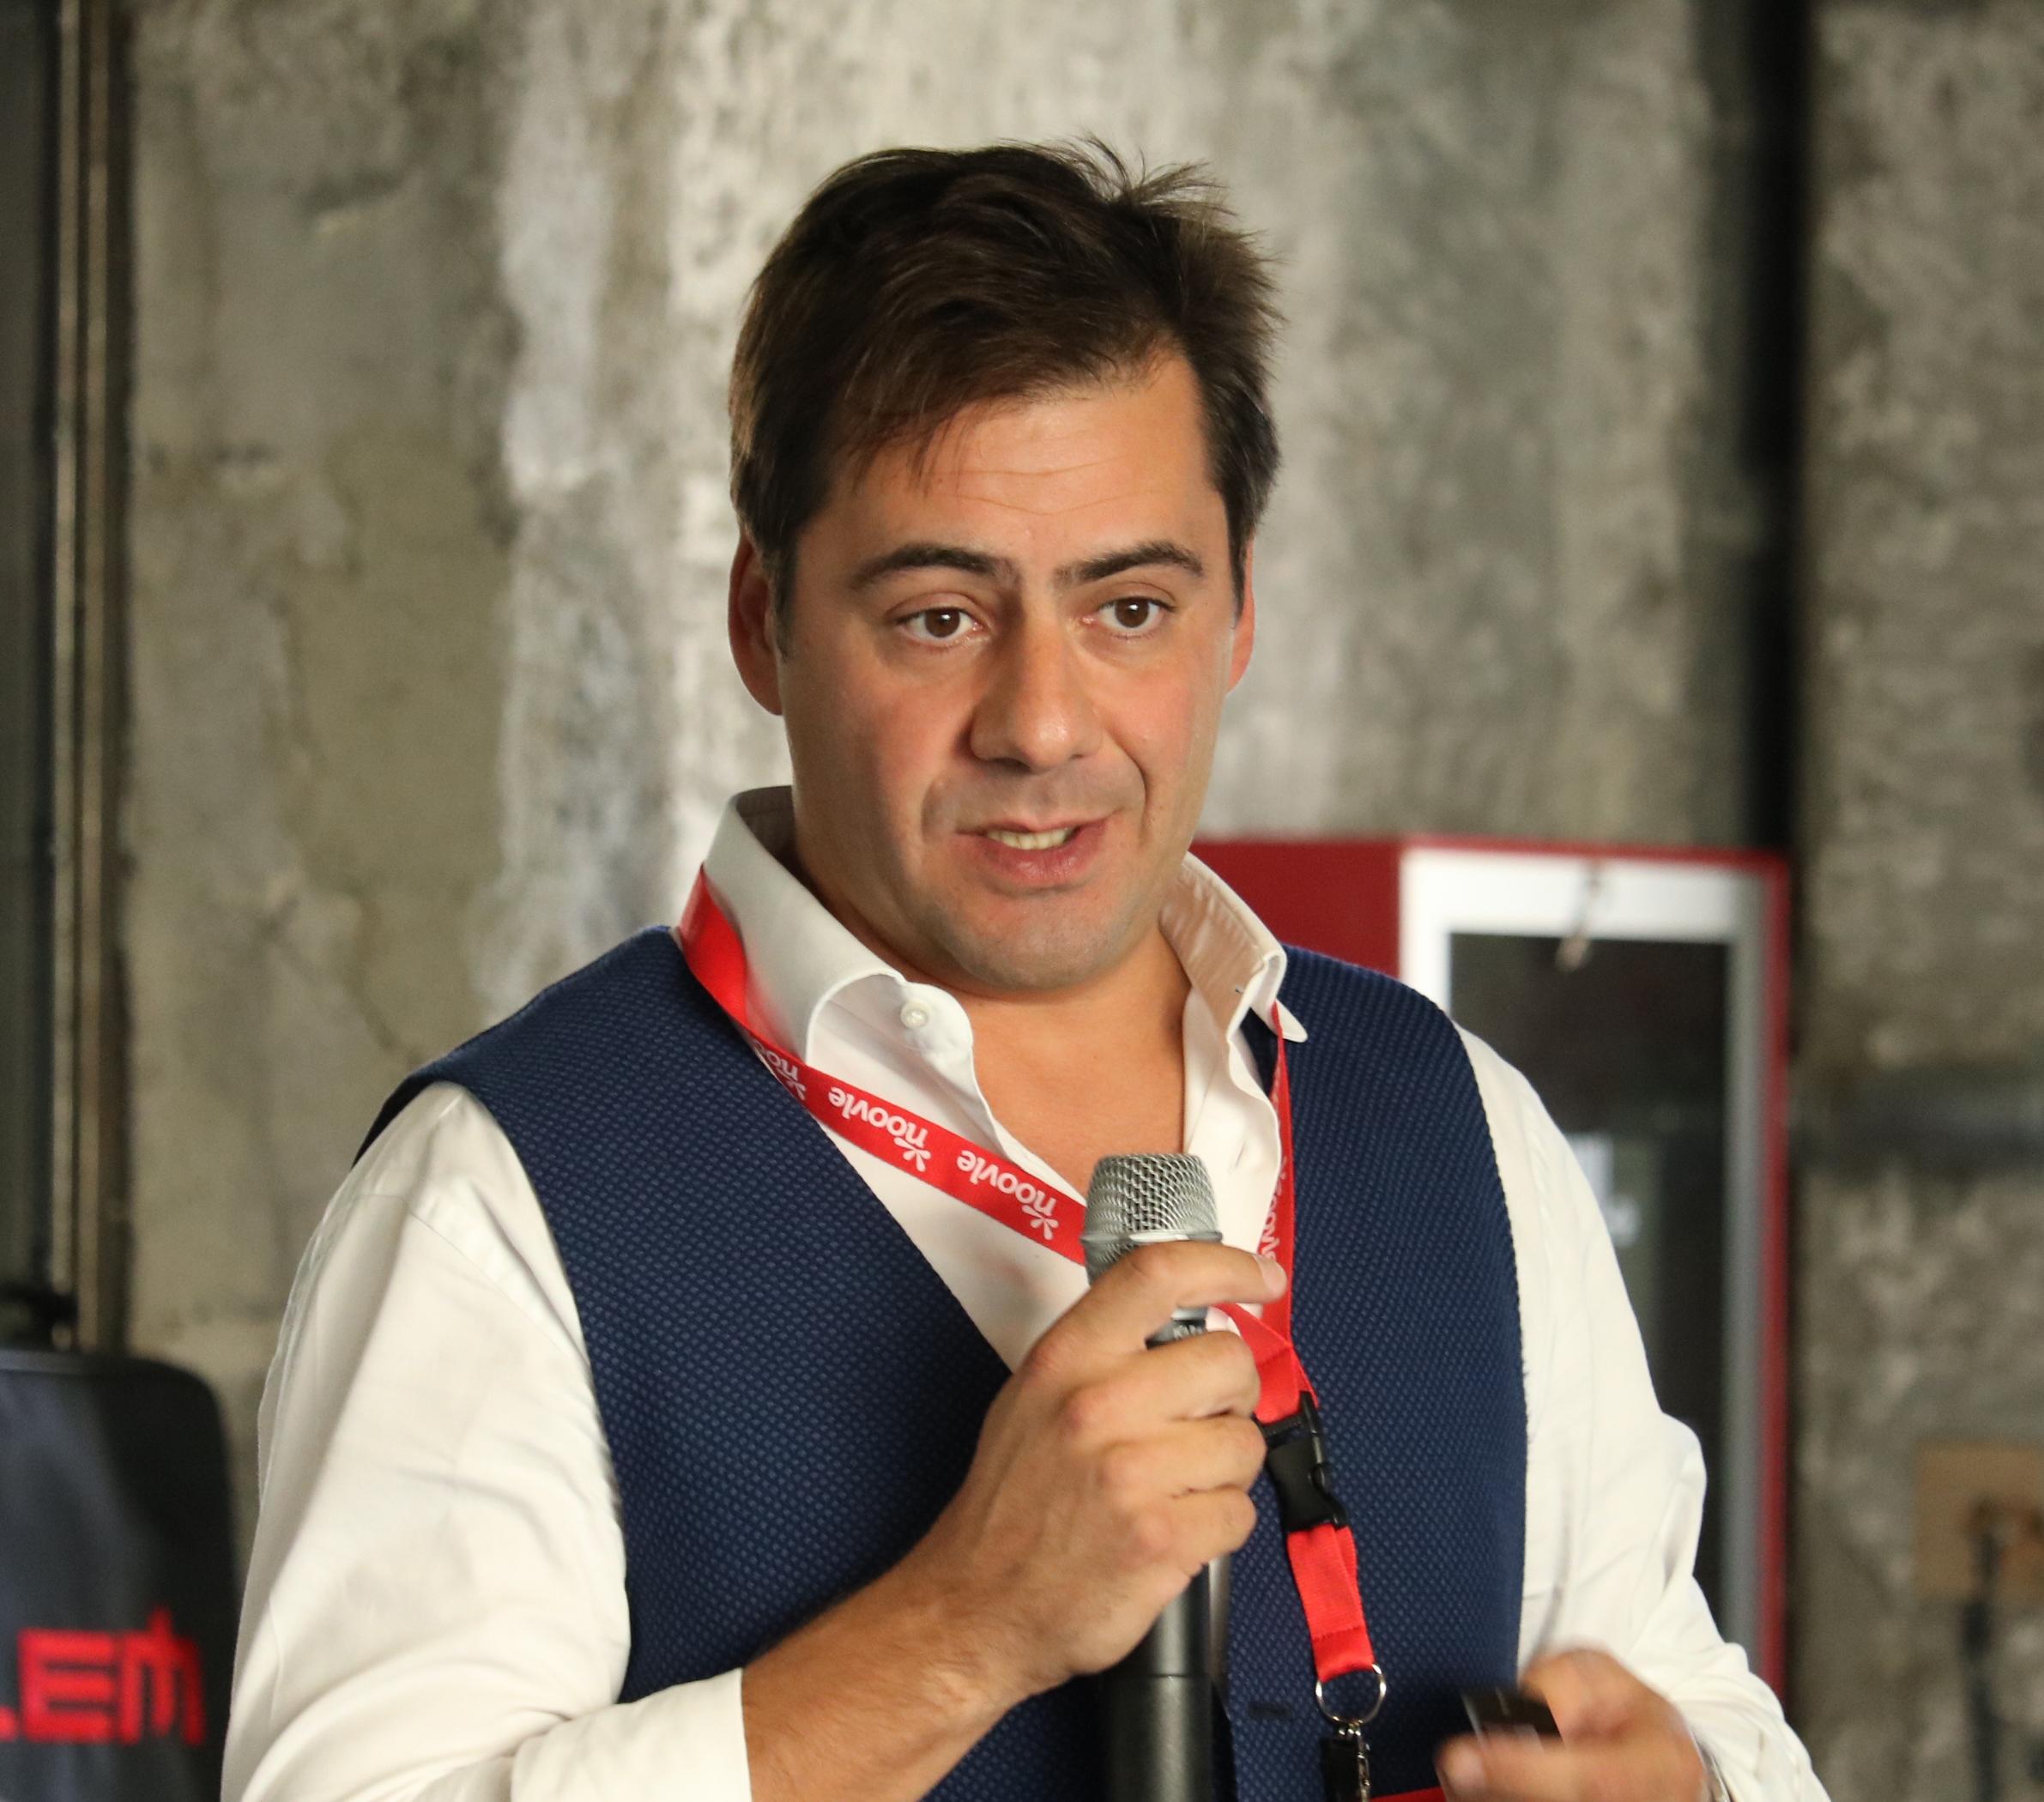 Giuseppe Negri, direttore generale di Blasteem